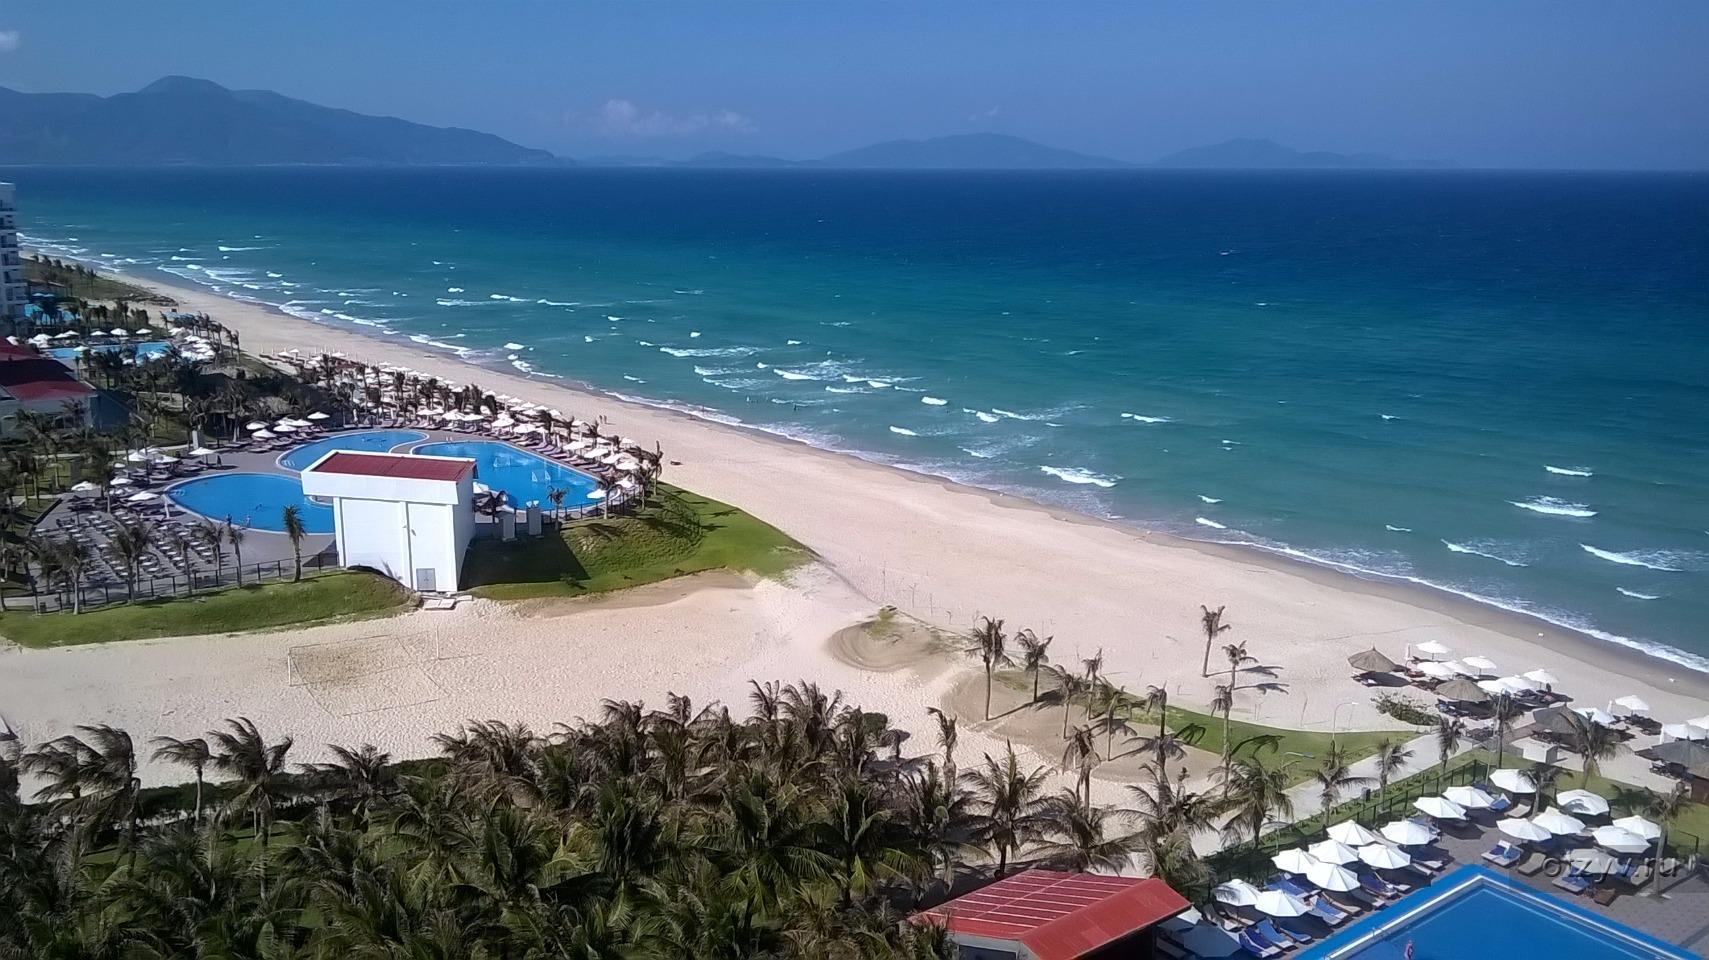 всех отель дюсолей вьетнам фото это пора сделать